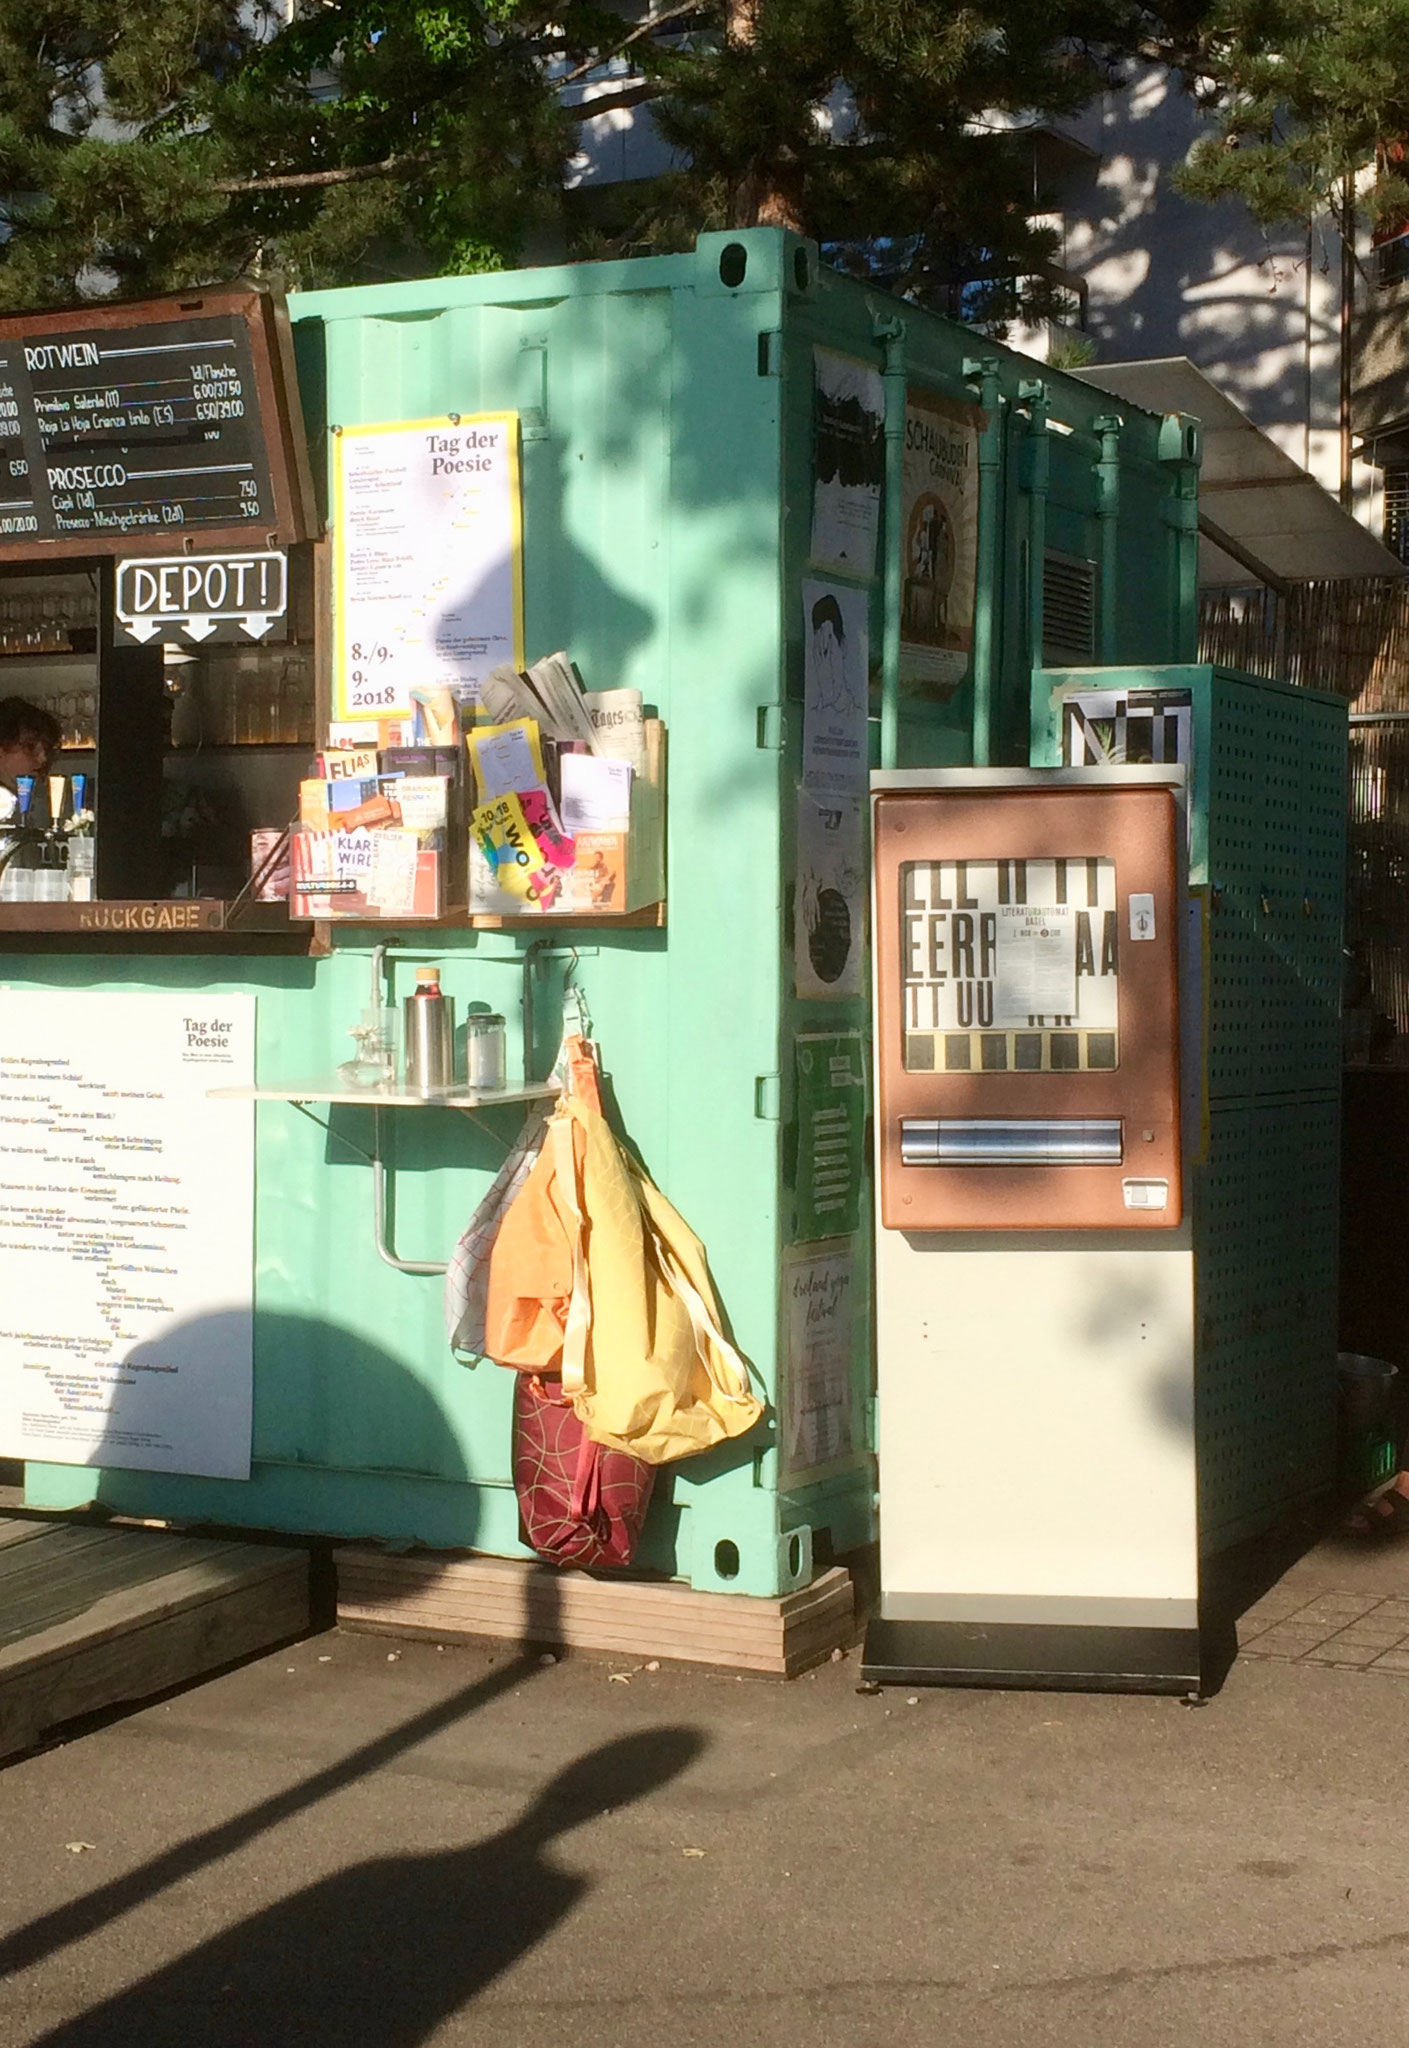 Für das Tag der Poesie Wochenende wurde ein Literaturautomat bei der Oetlinger-Buvette platziert